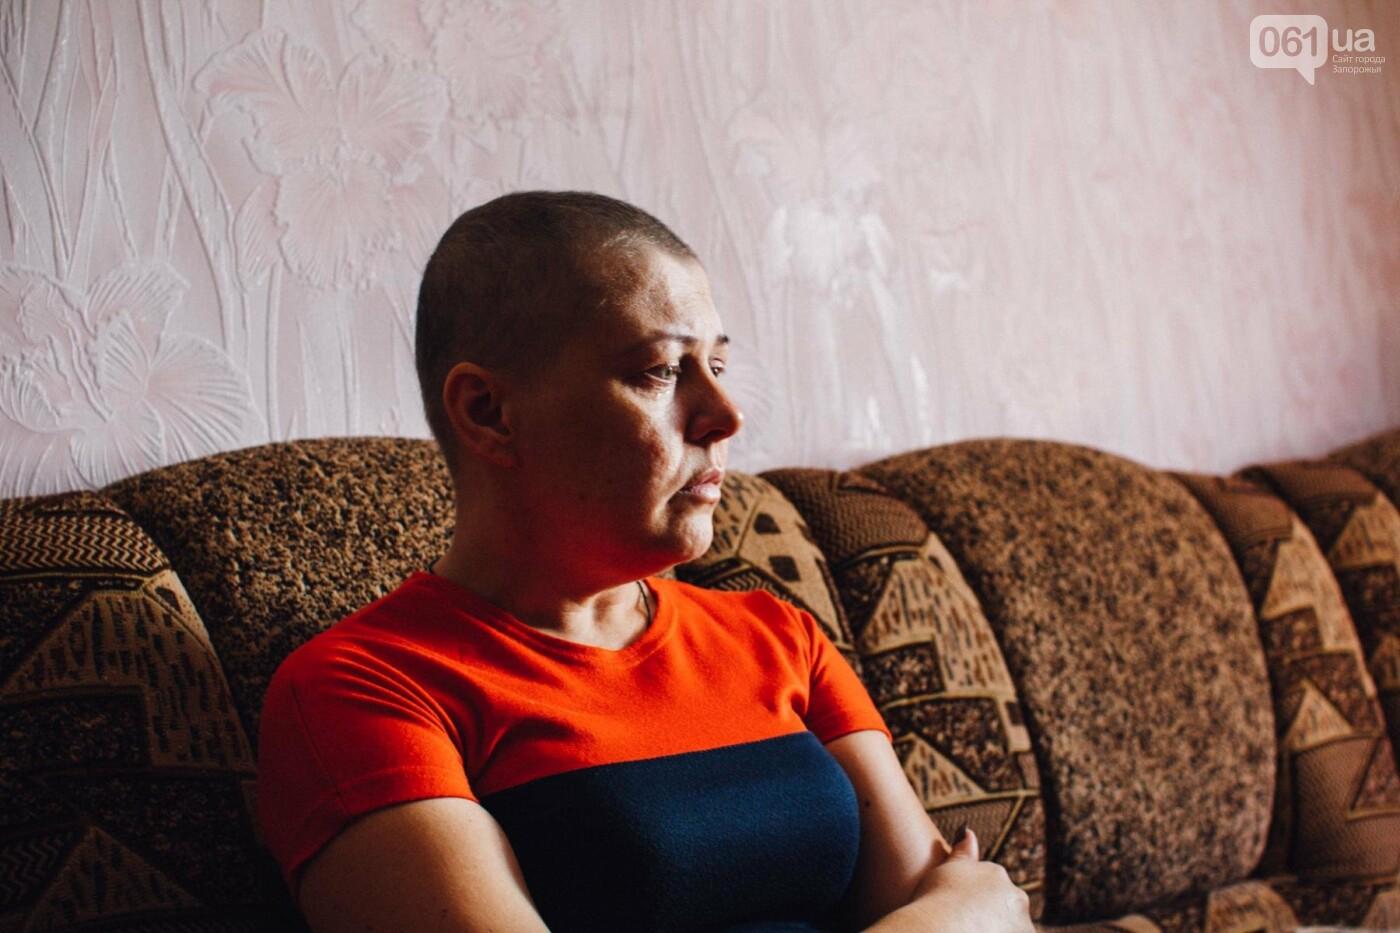 Последний шаг для Оли: как запорожанка проходила химиотерапию между сменами на заводе, фото-1